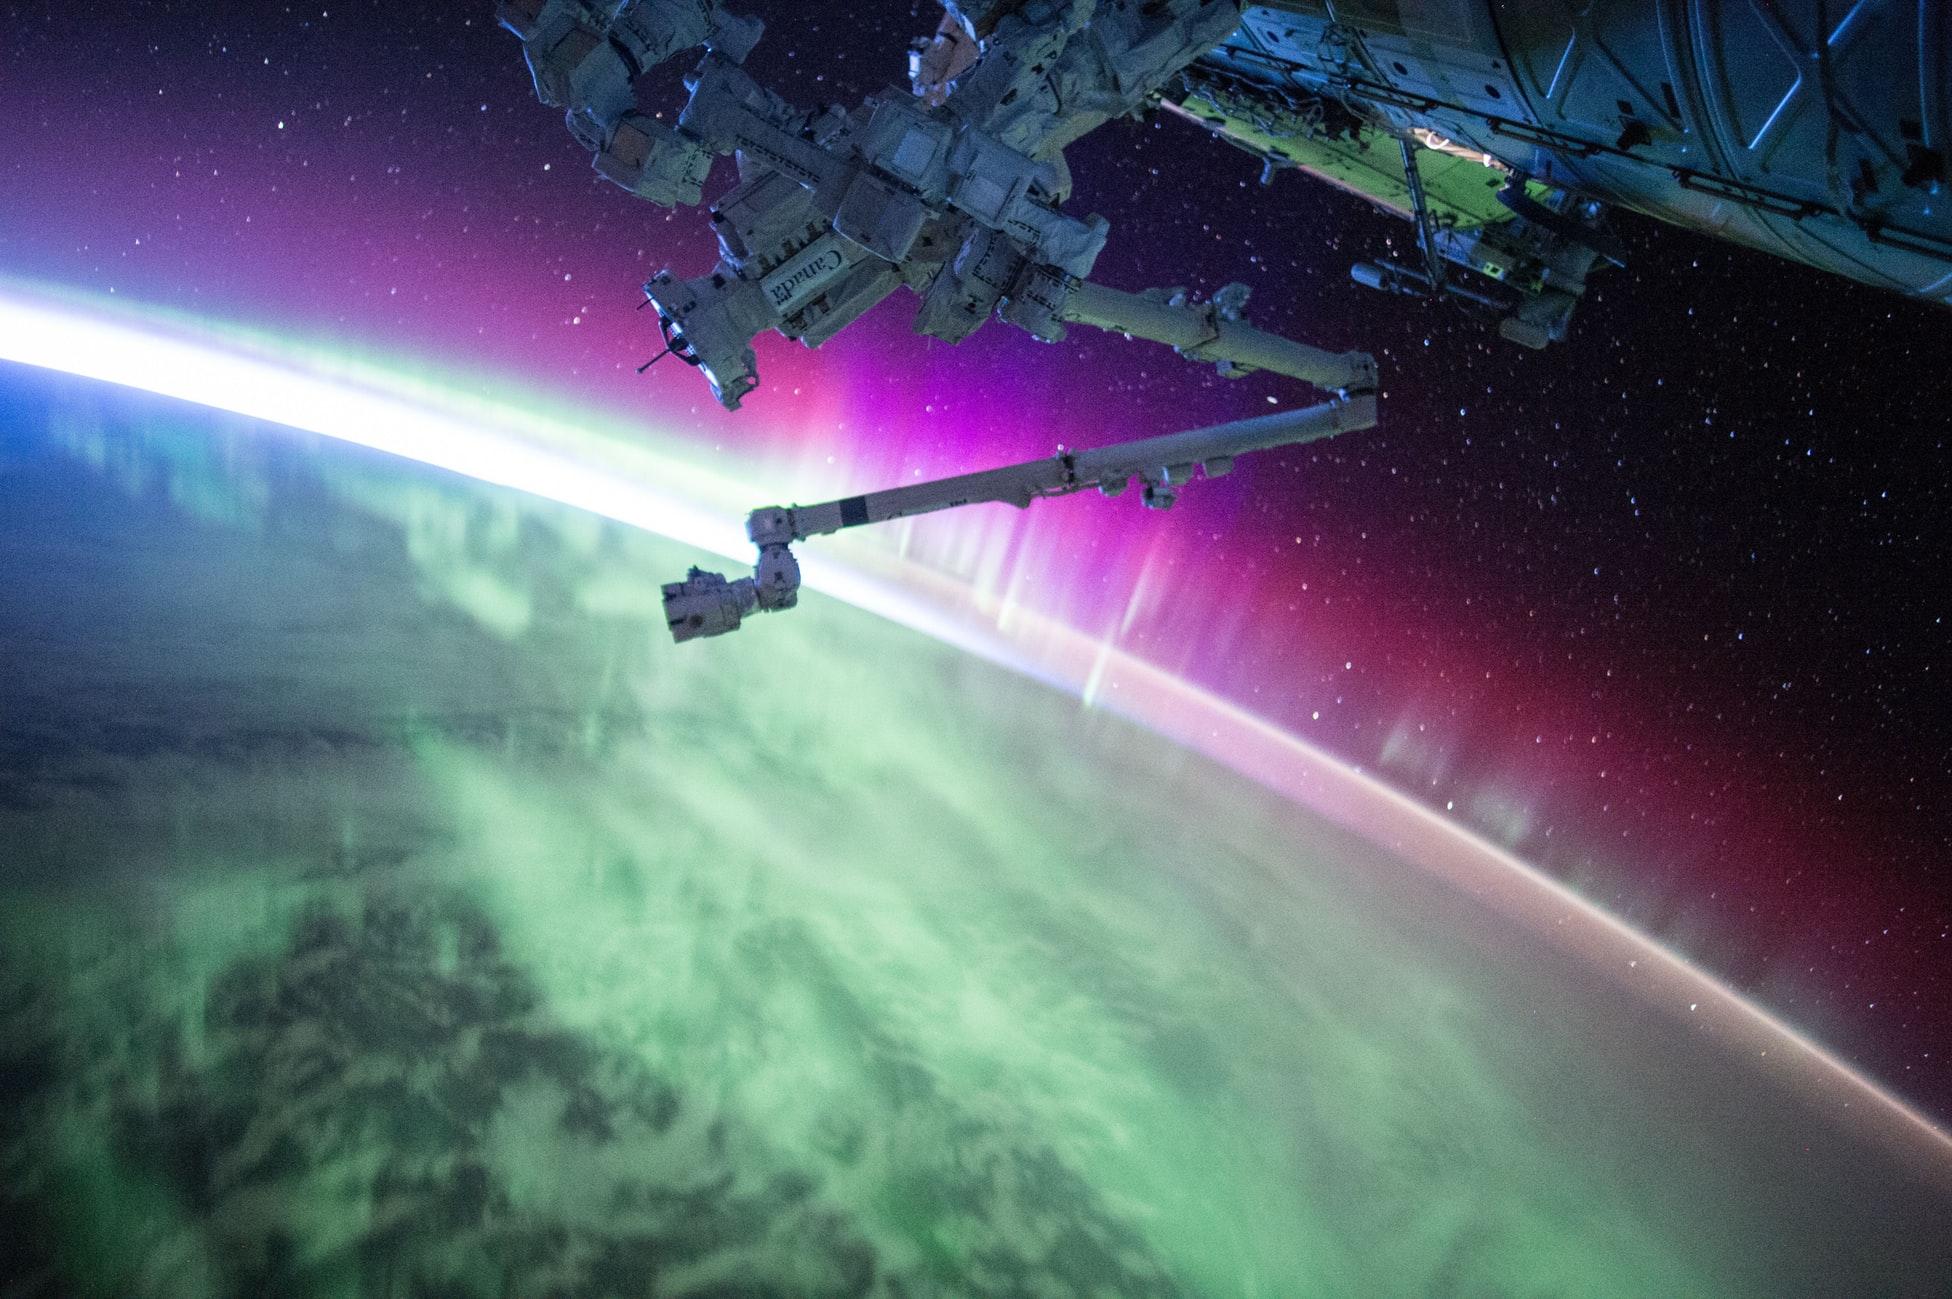 Як штучний інтелект допомагає людству у дослідженні космосу?